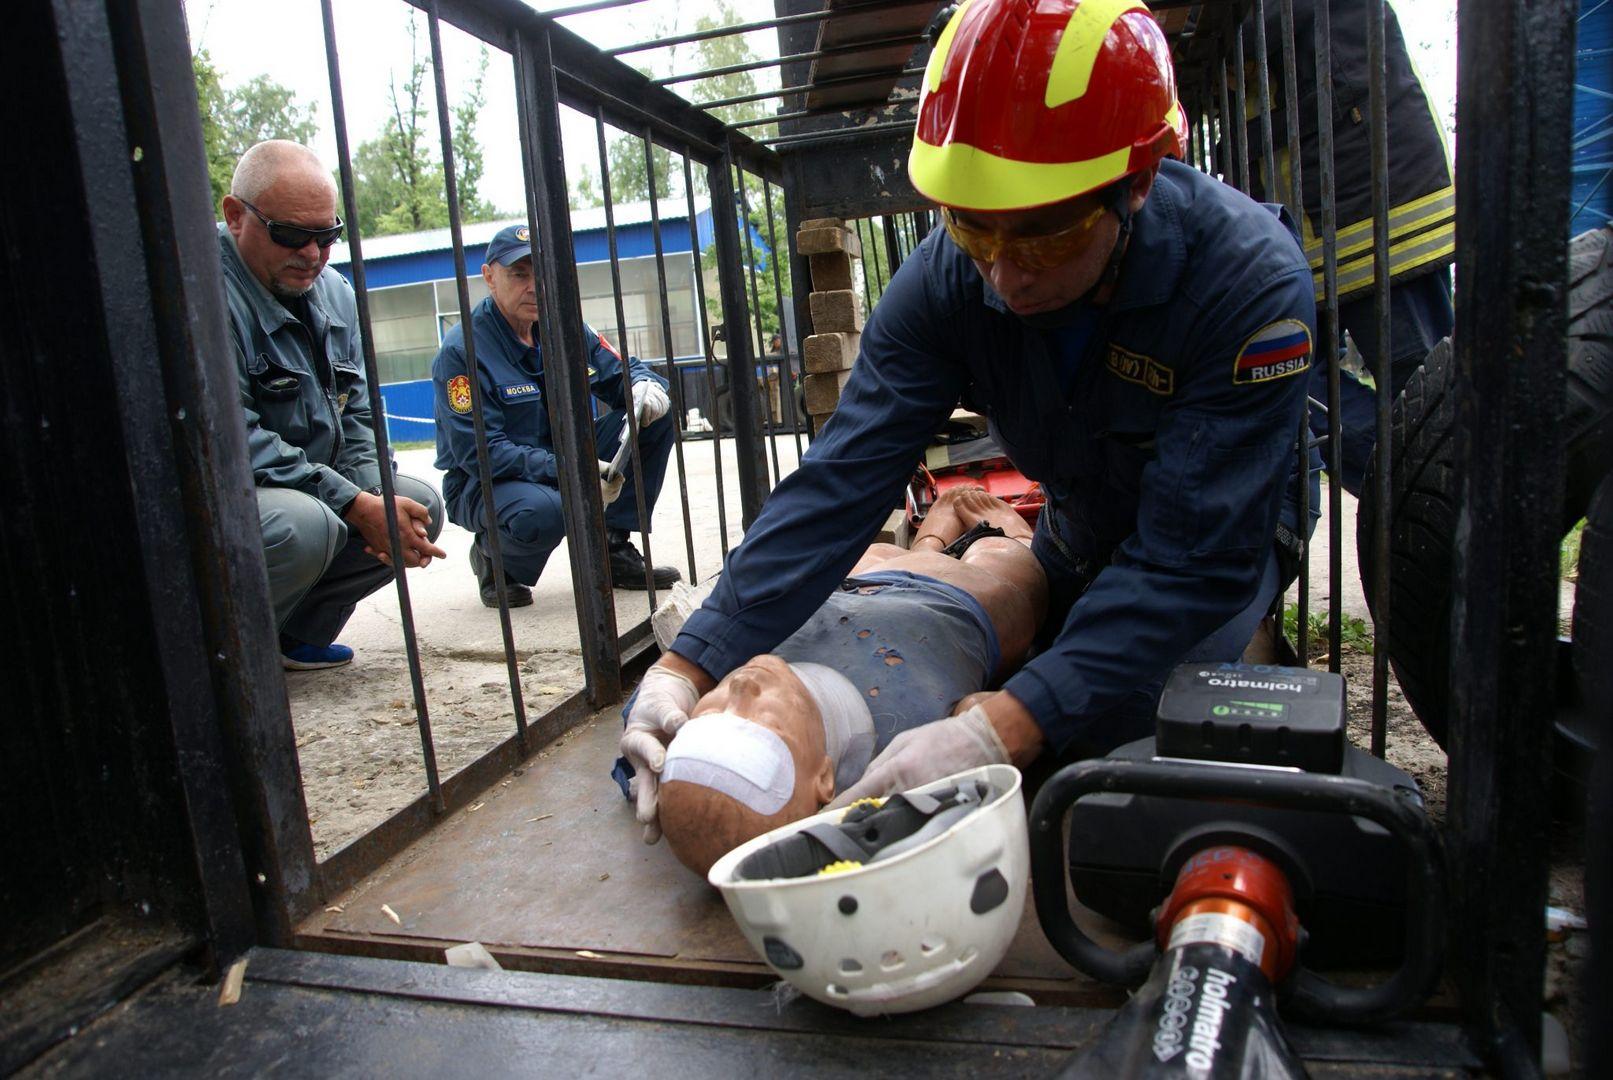 манекен, первая помощь, полоса препятствий, спасатели, конкурс, лучший спасатель, спасатели Москвы, департамент ГО ЧС